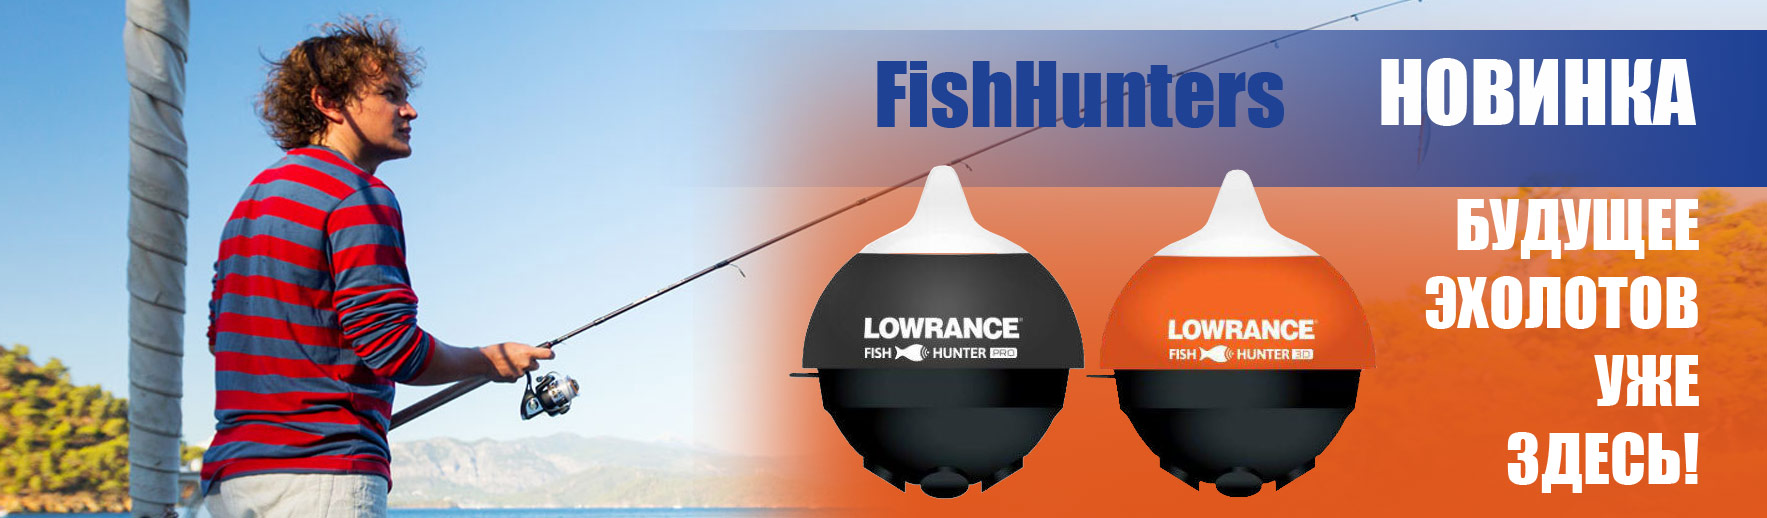 Компактные забрасываемые эхолоты Lowrance FishHunter